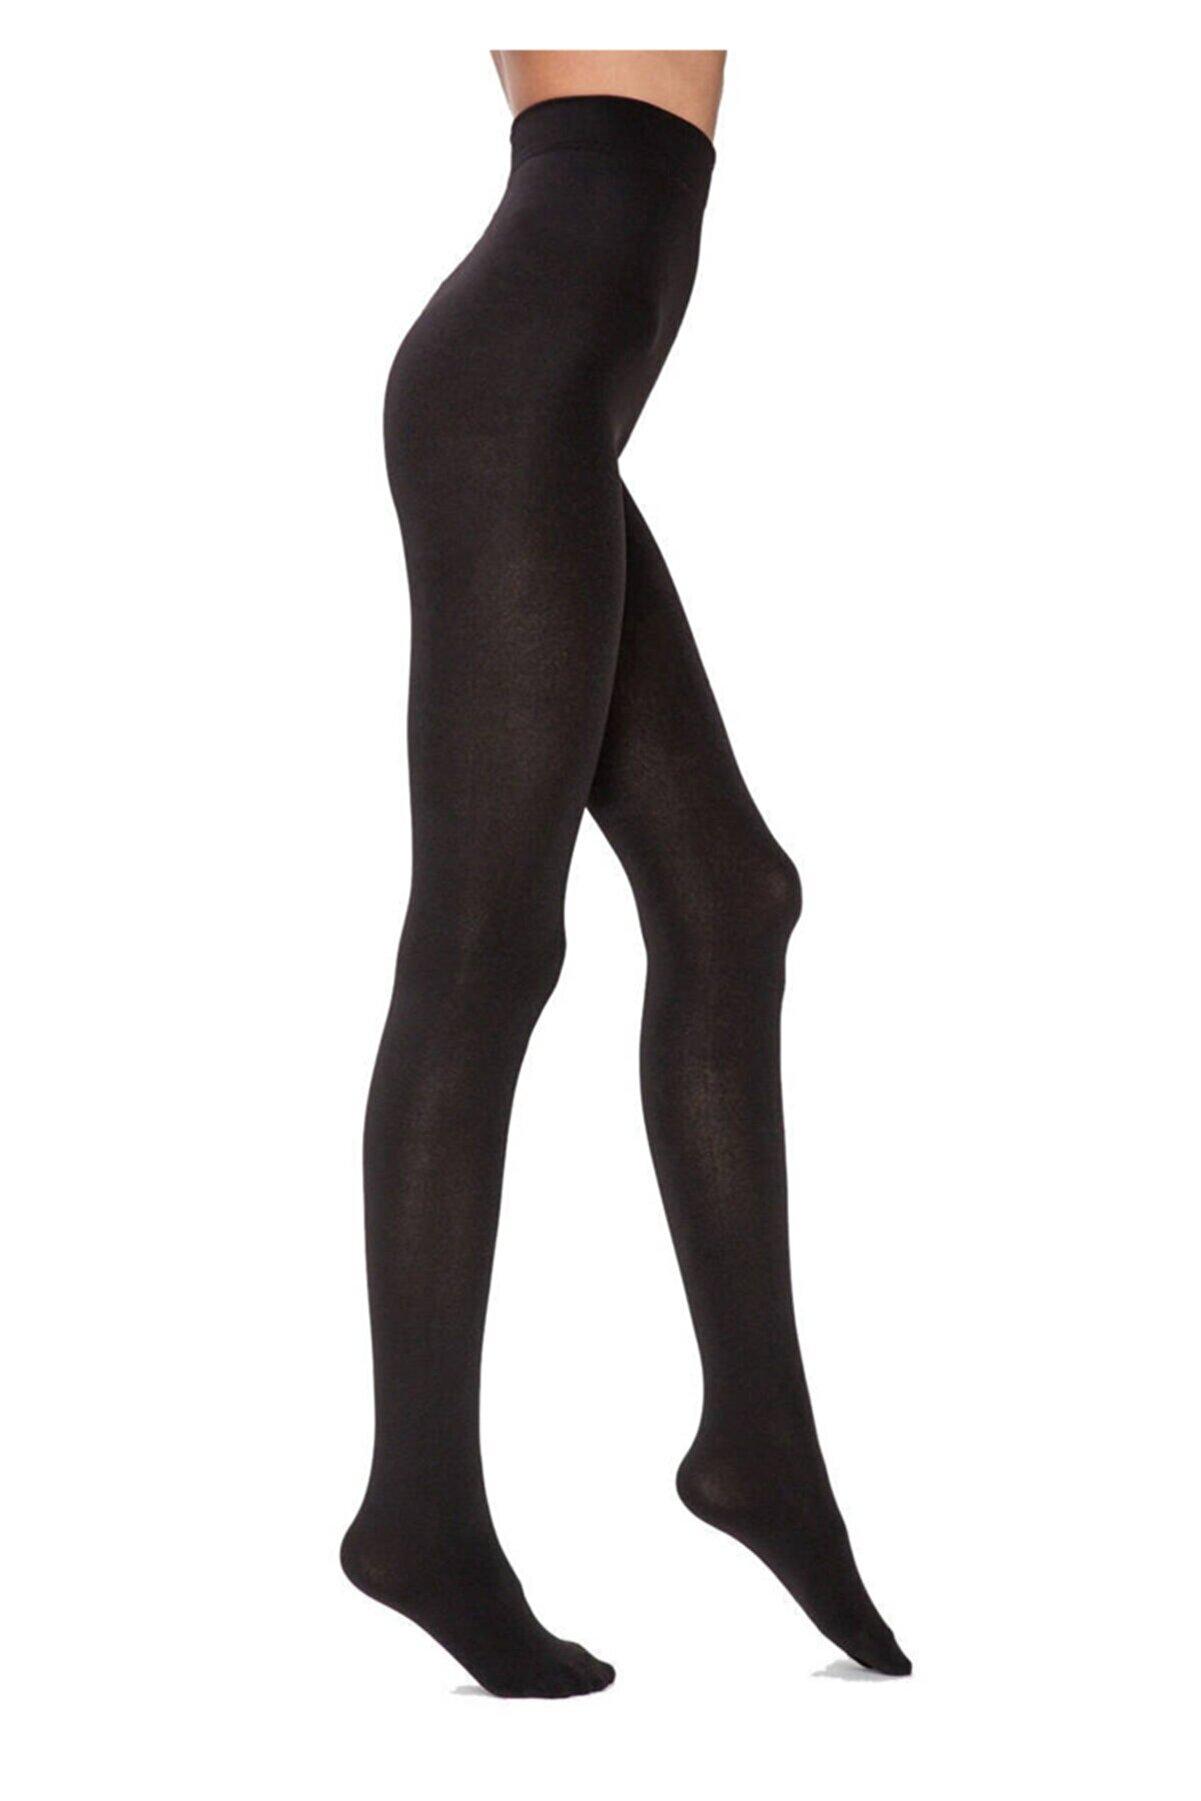 Penti Kadın Siyah Termal Yüksek Bel Siyah Külotlu Çorap